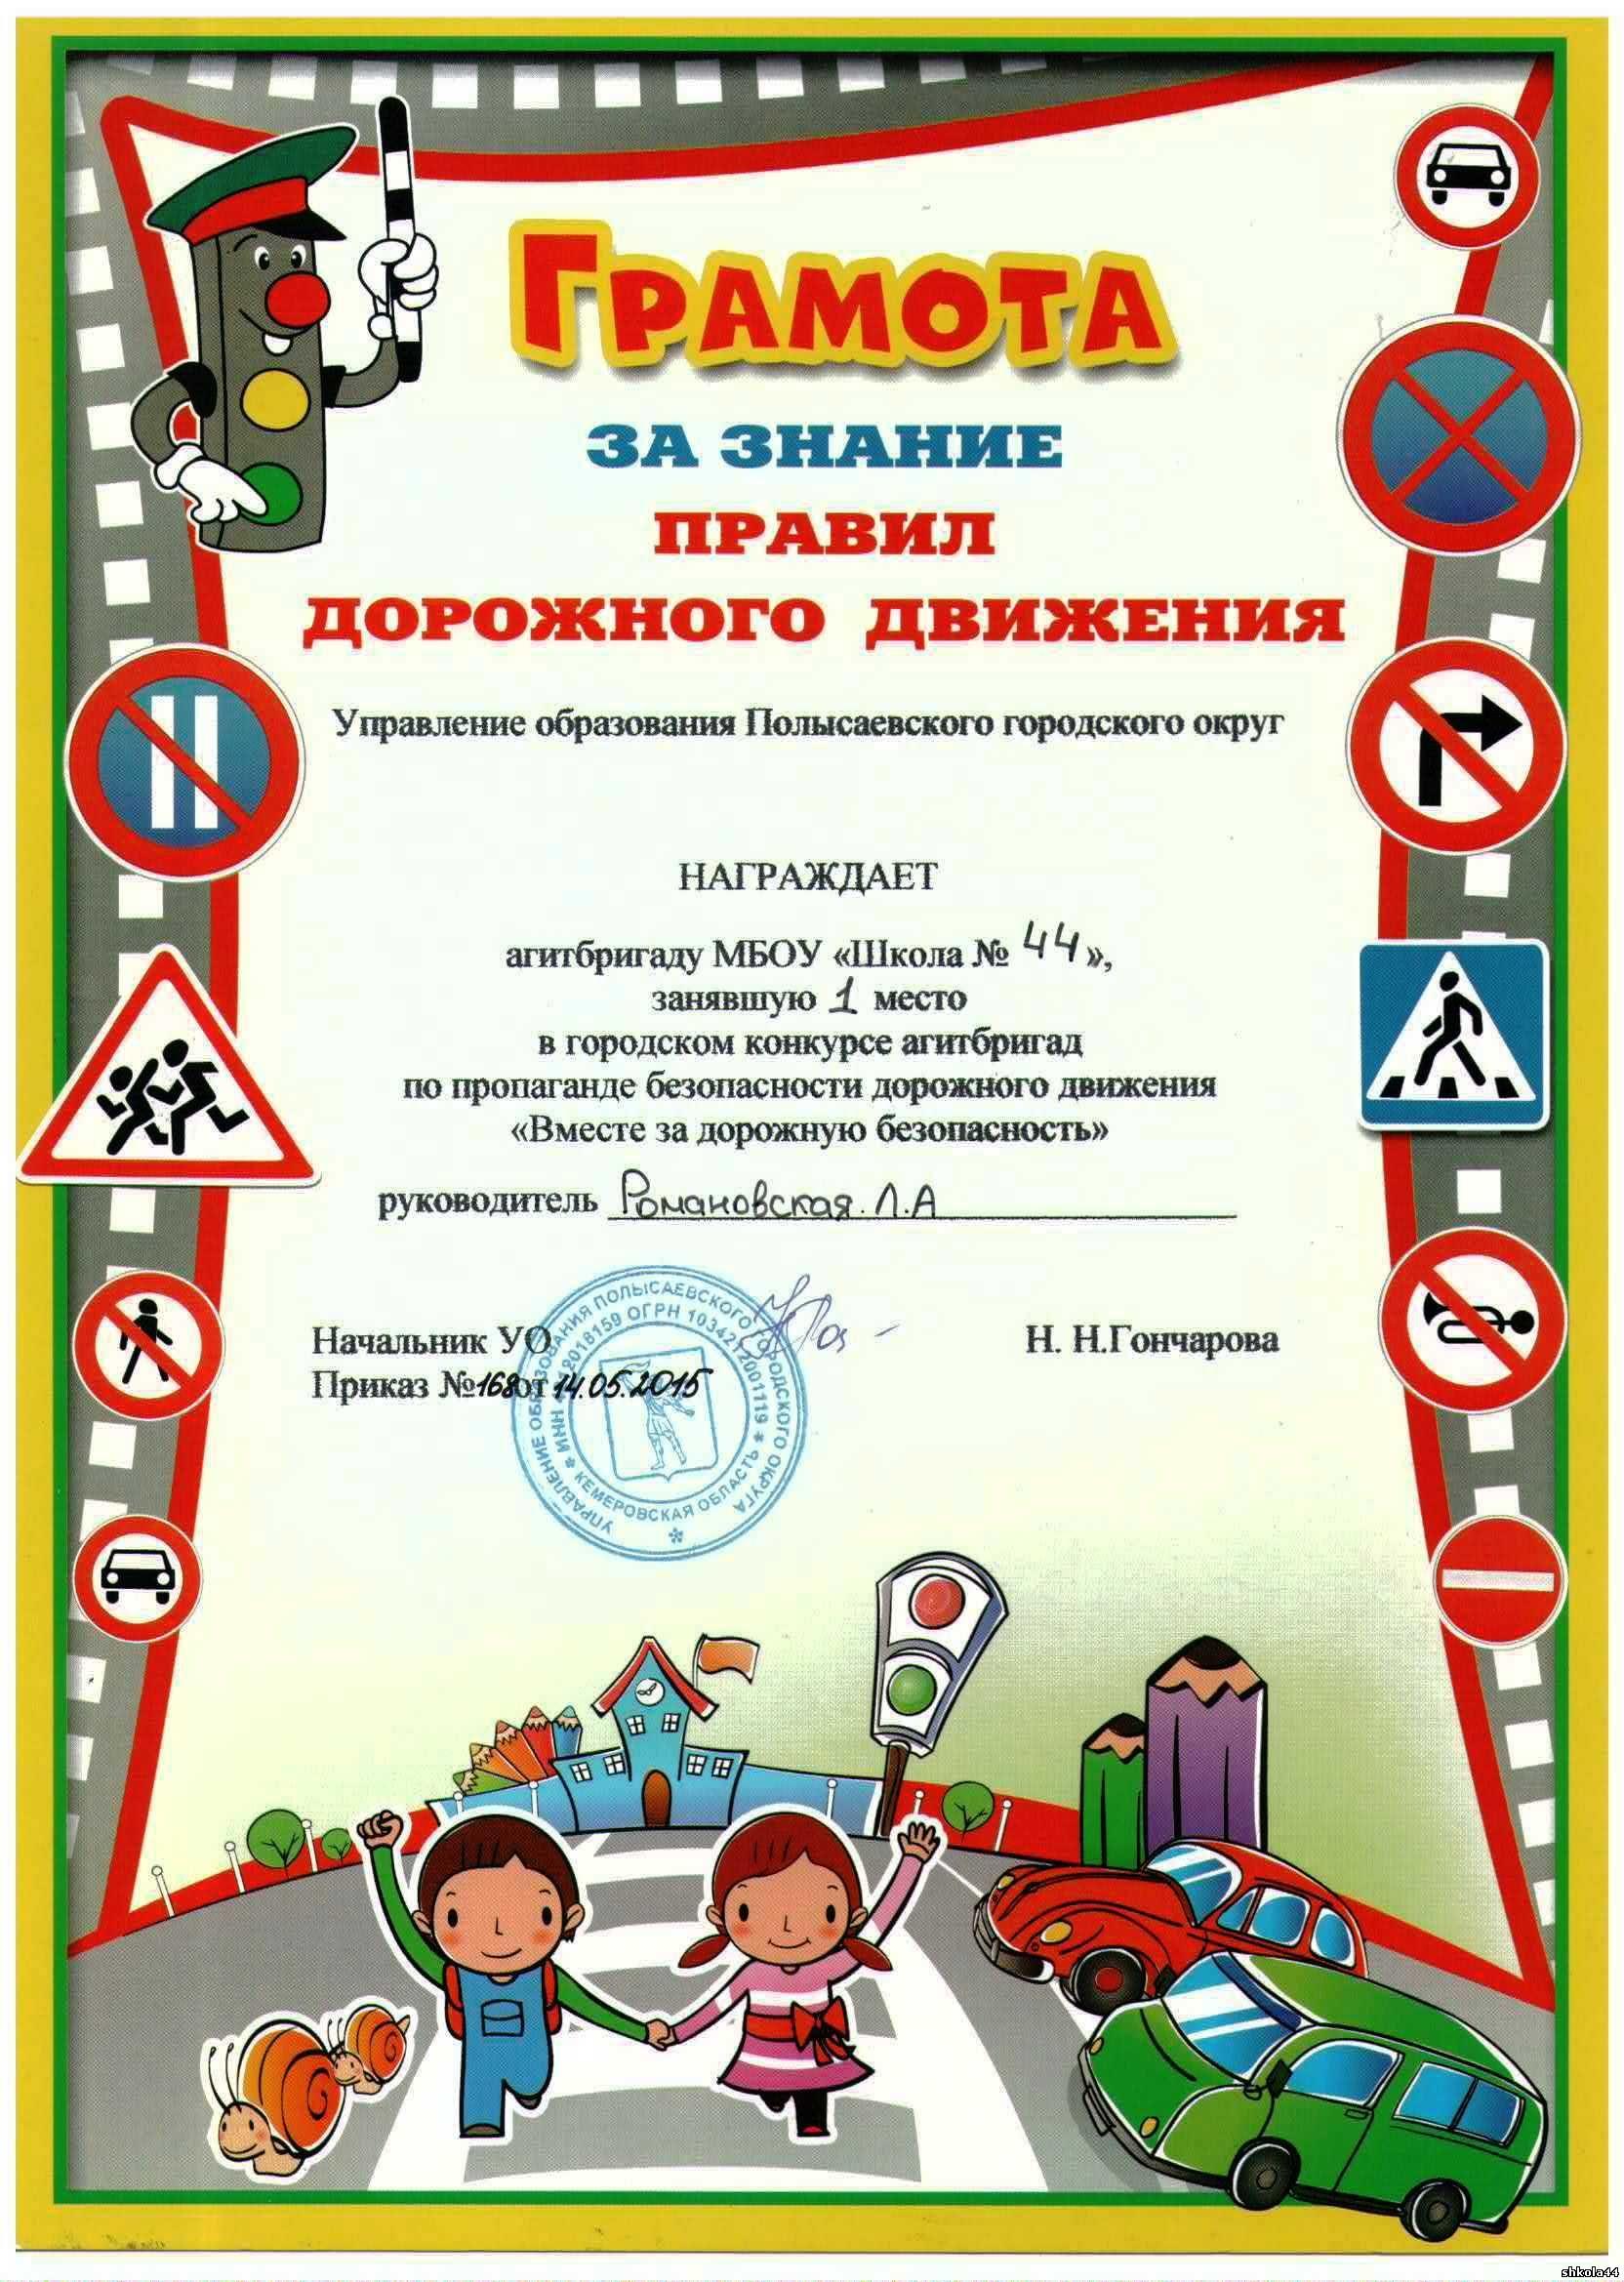 Дипломы и сертификаты за участие в конкурсе